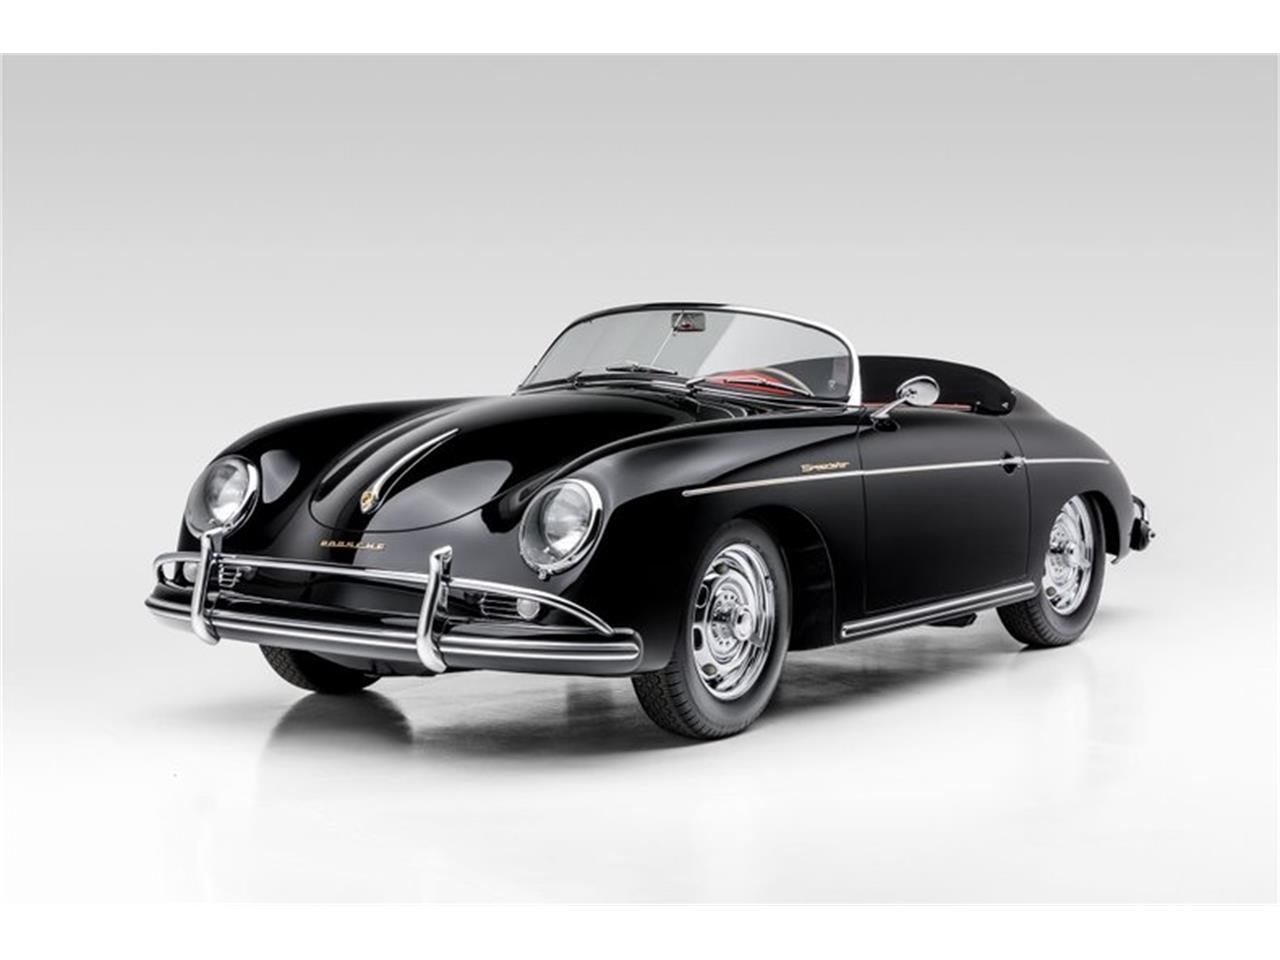 1958 Porsche 356 (CC-1361352) for sale in Costa Mesa, California